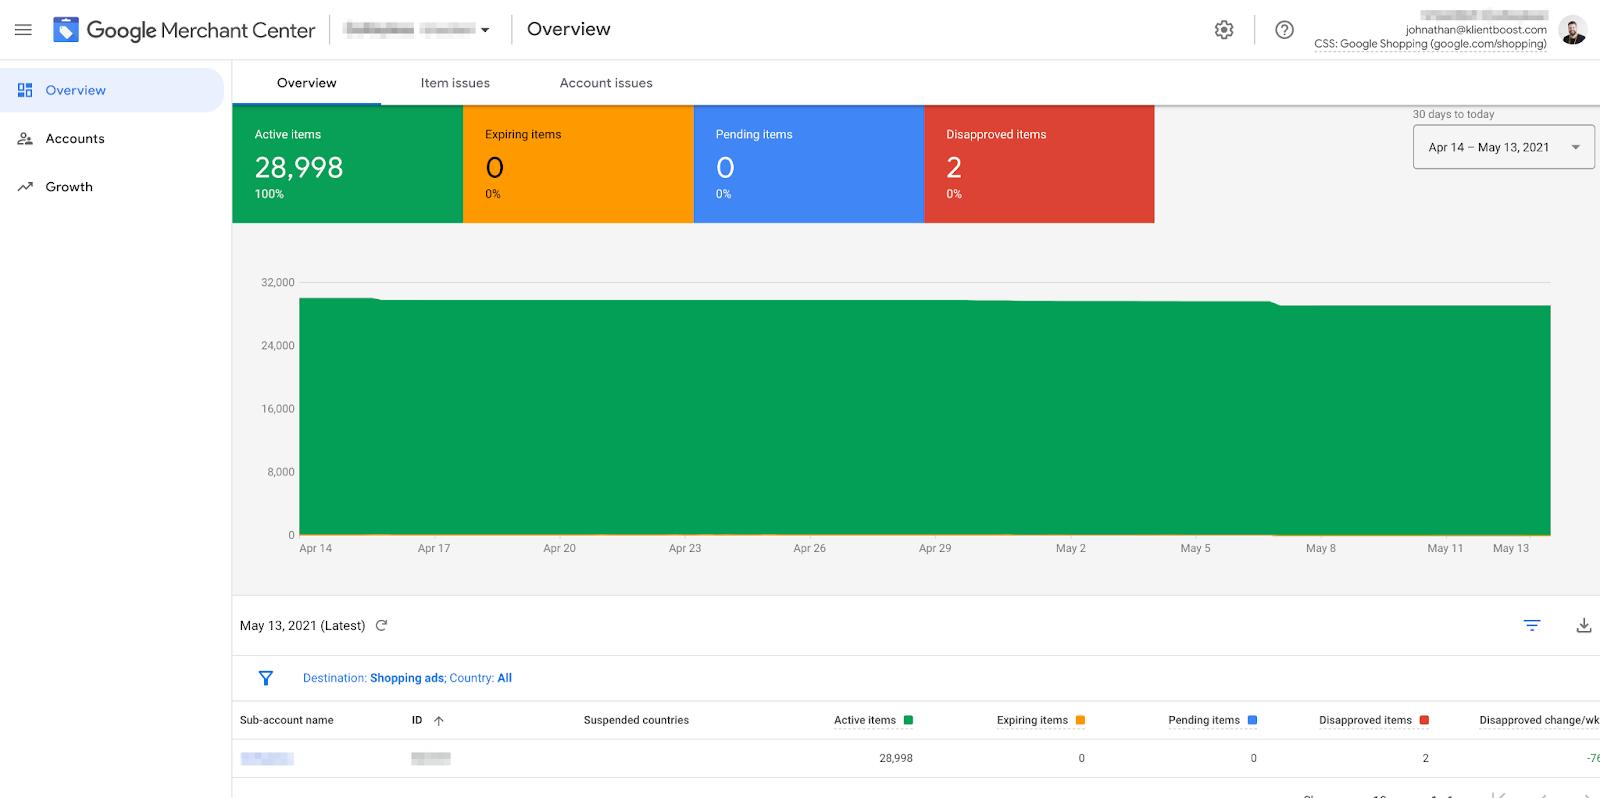 Google Merchant Center dashboard overview